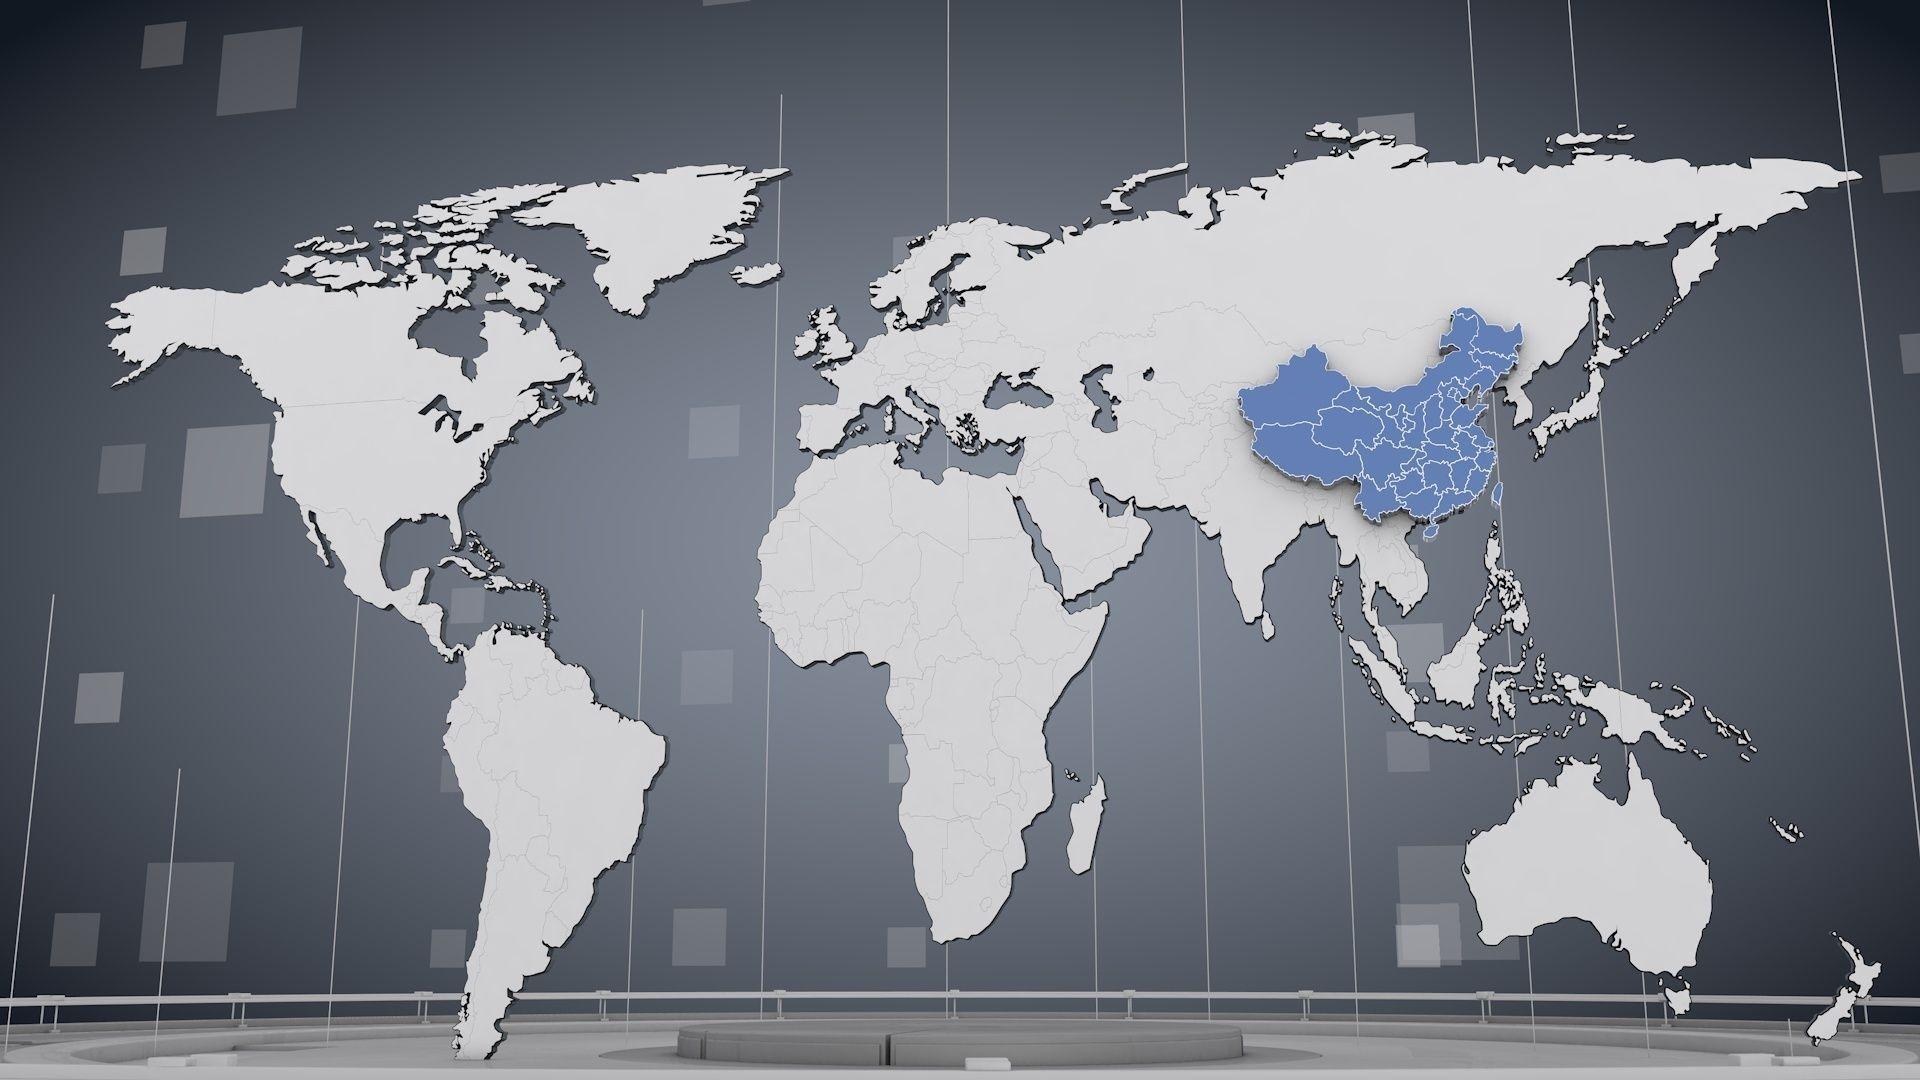 3d cinema 4d world map cgtrader cinema 4d world map 3d model fbx c4d 1 gumiabroncs Choice Image